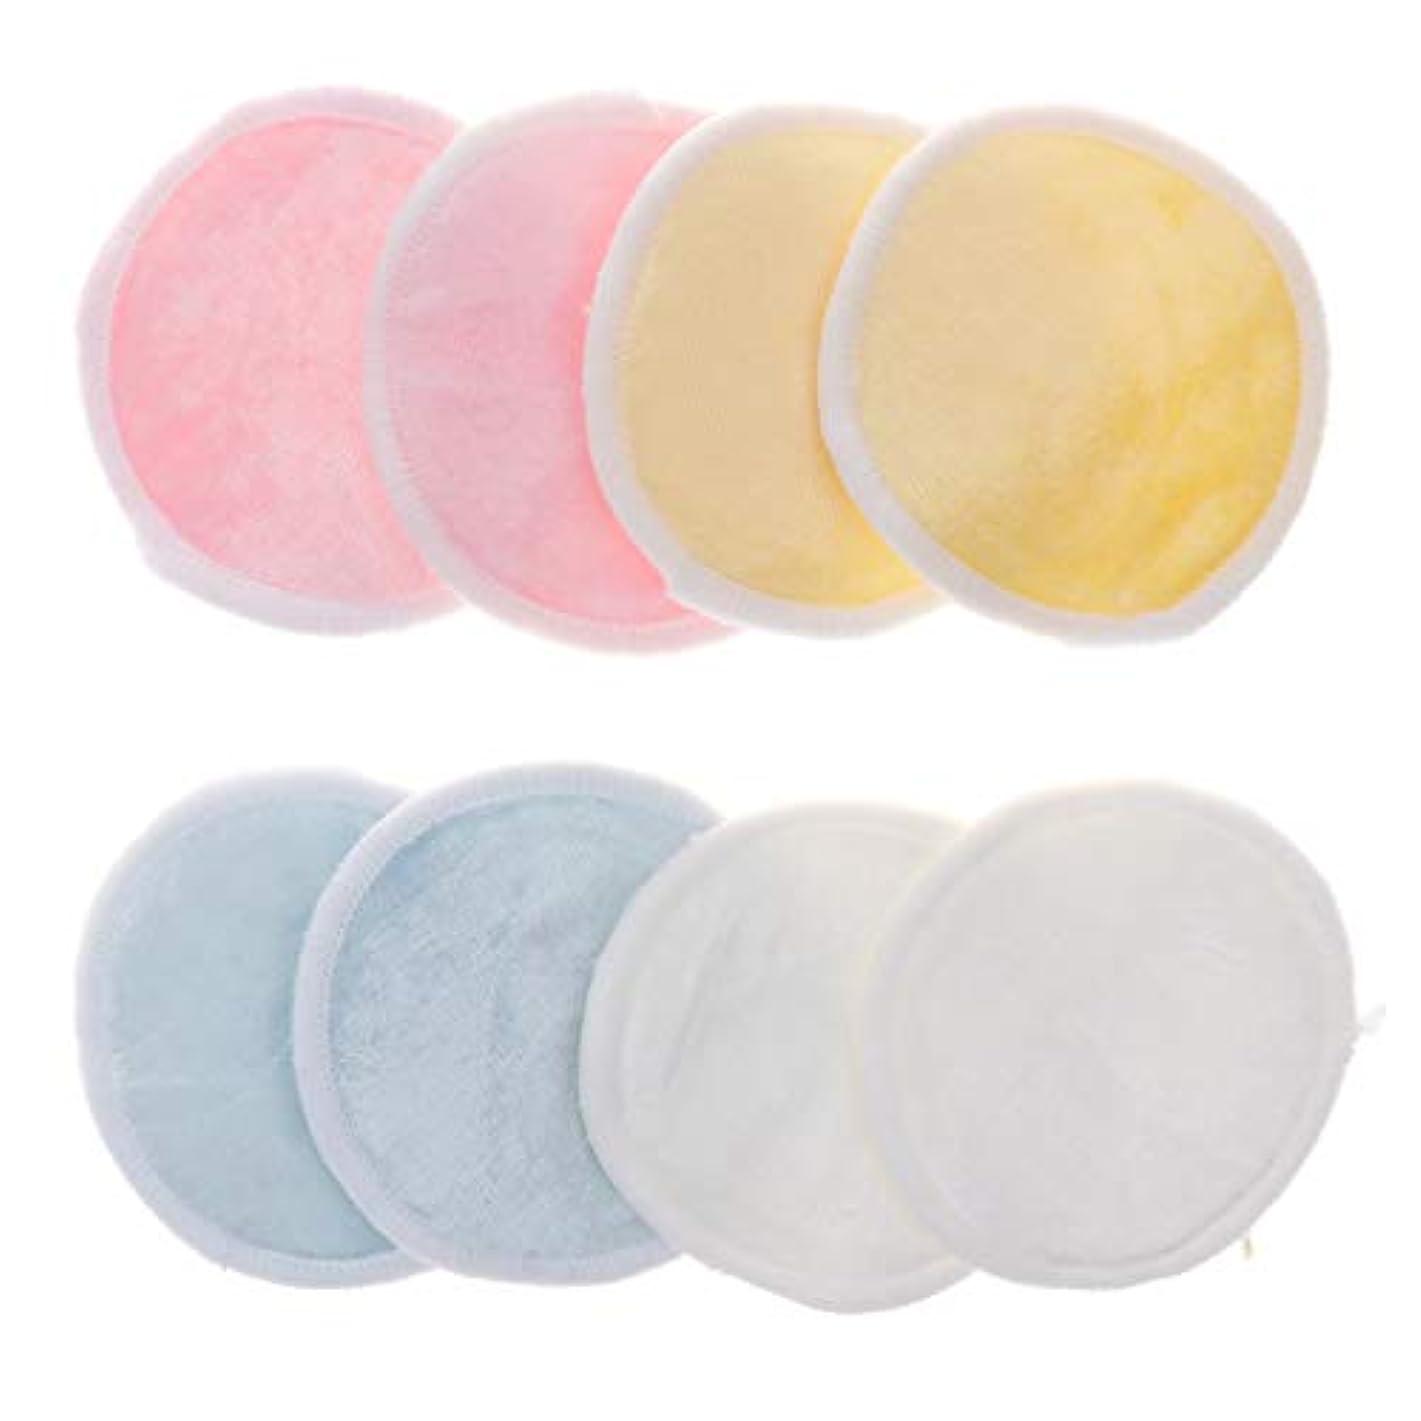 凍結ましいメロディアスクレンジングシート 化粧コットン パッド メイク落としコットン 再使用可能 軽量 トラベル 8個入